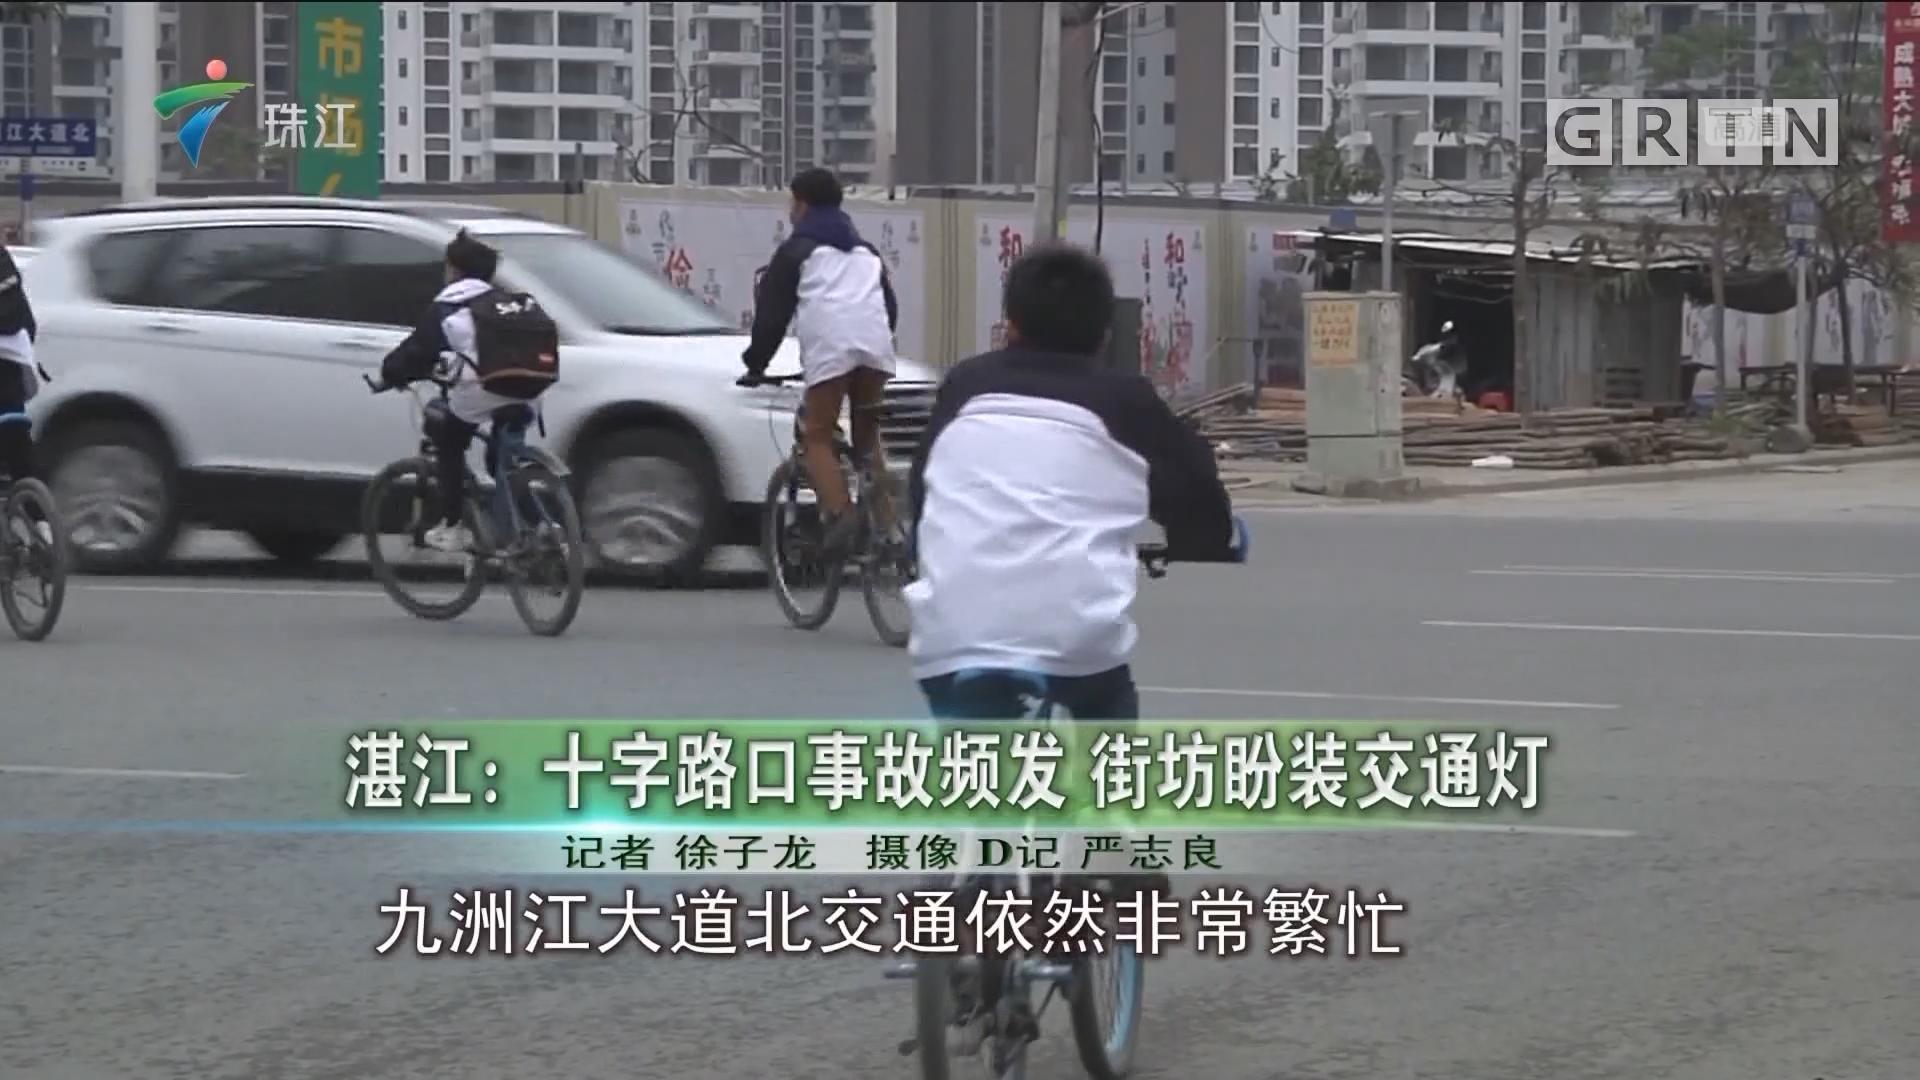 湛江:十字路口事故频发 街坊盼装交通灯